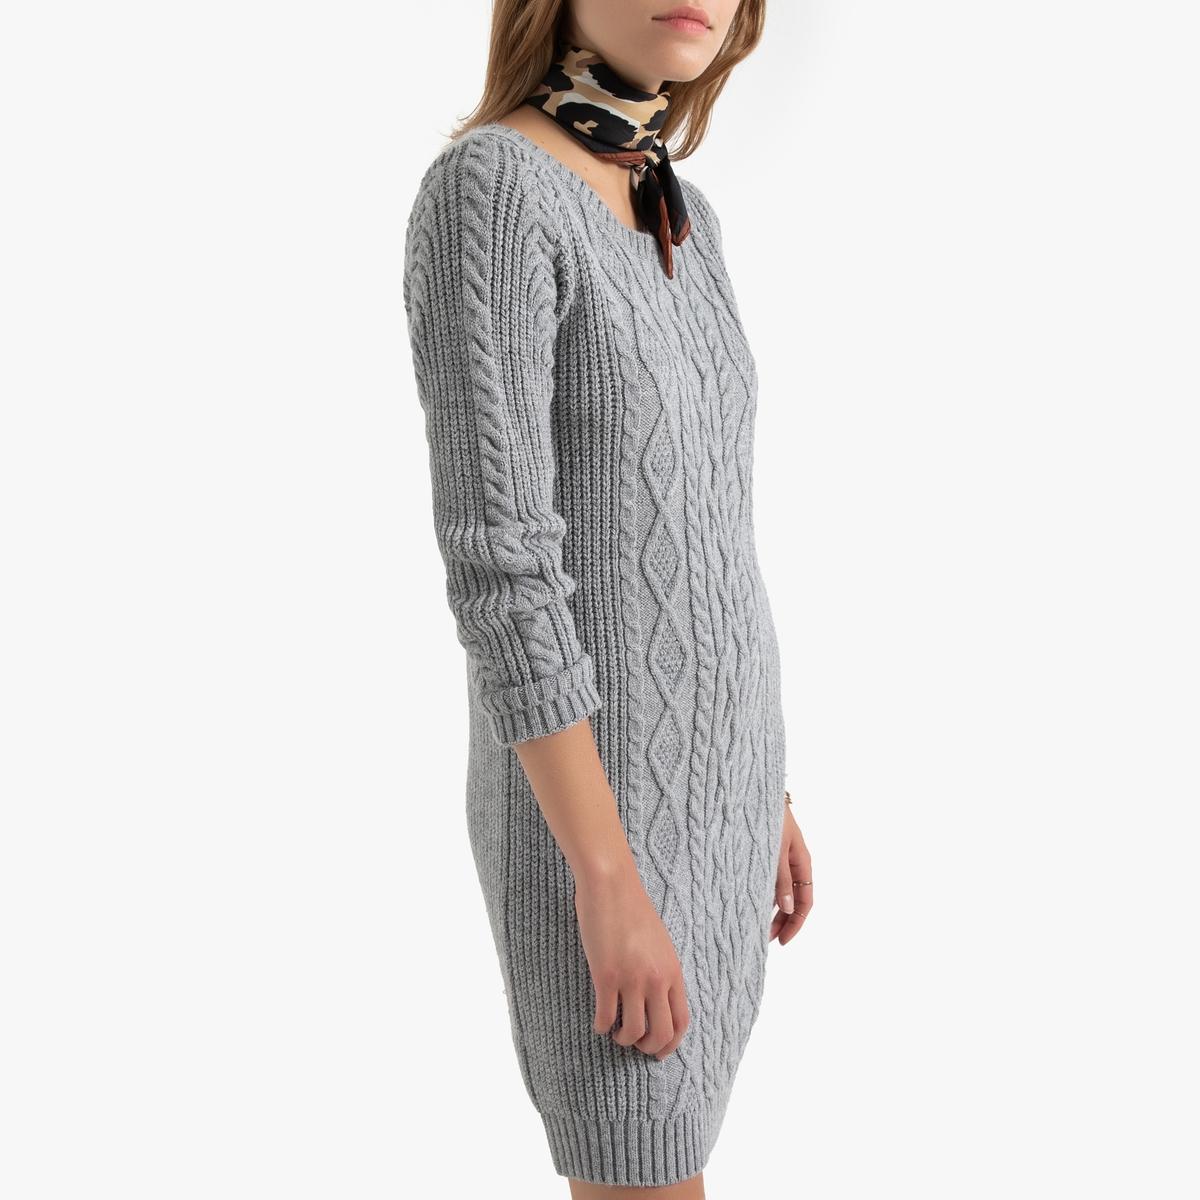 цена Платье-пуловер La Redoute Короткое с длинными рукавами и узором косы L серый онлайн в 2017 году